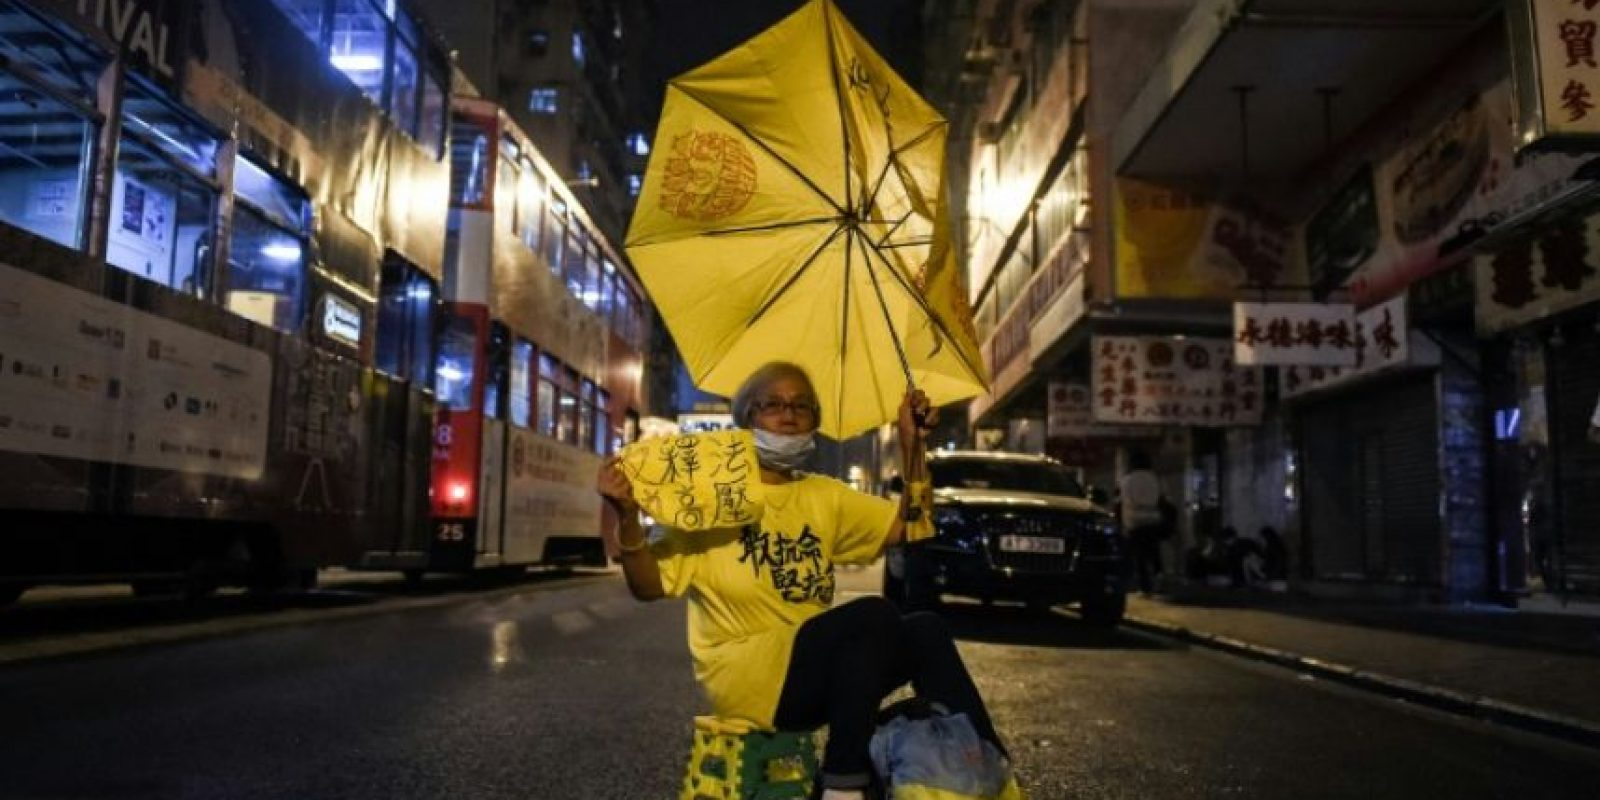 Una persona se manifiesta con un paraguas amarillo, símbolo de la protesta prodemocrática frente al poder del régimen de Pekín, este lunes 7 de noviembre en una calle de Hong Kong Foto:Anthony Wallace/afp.com